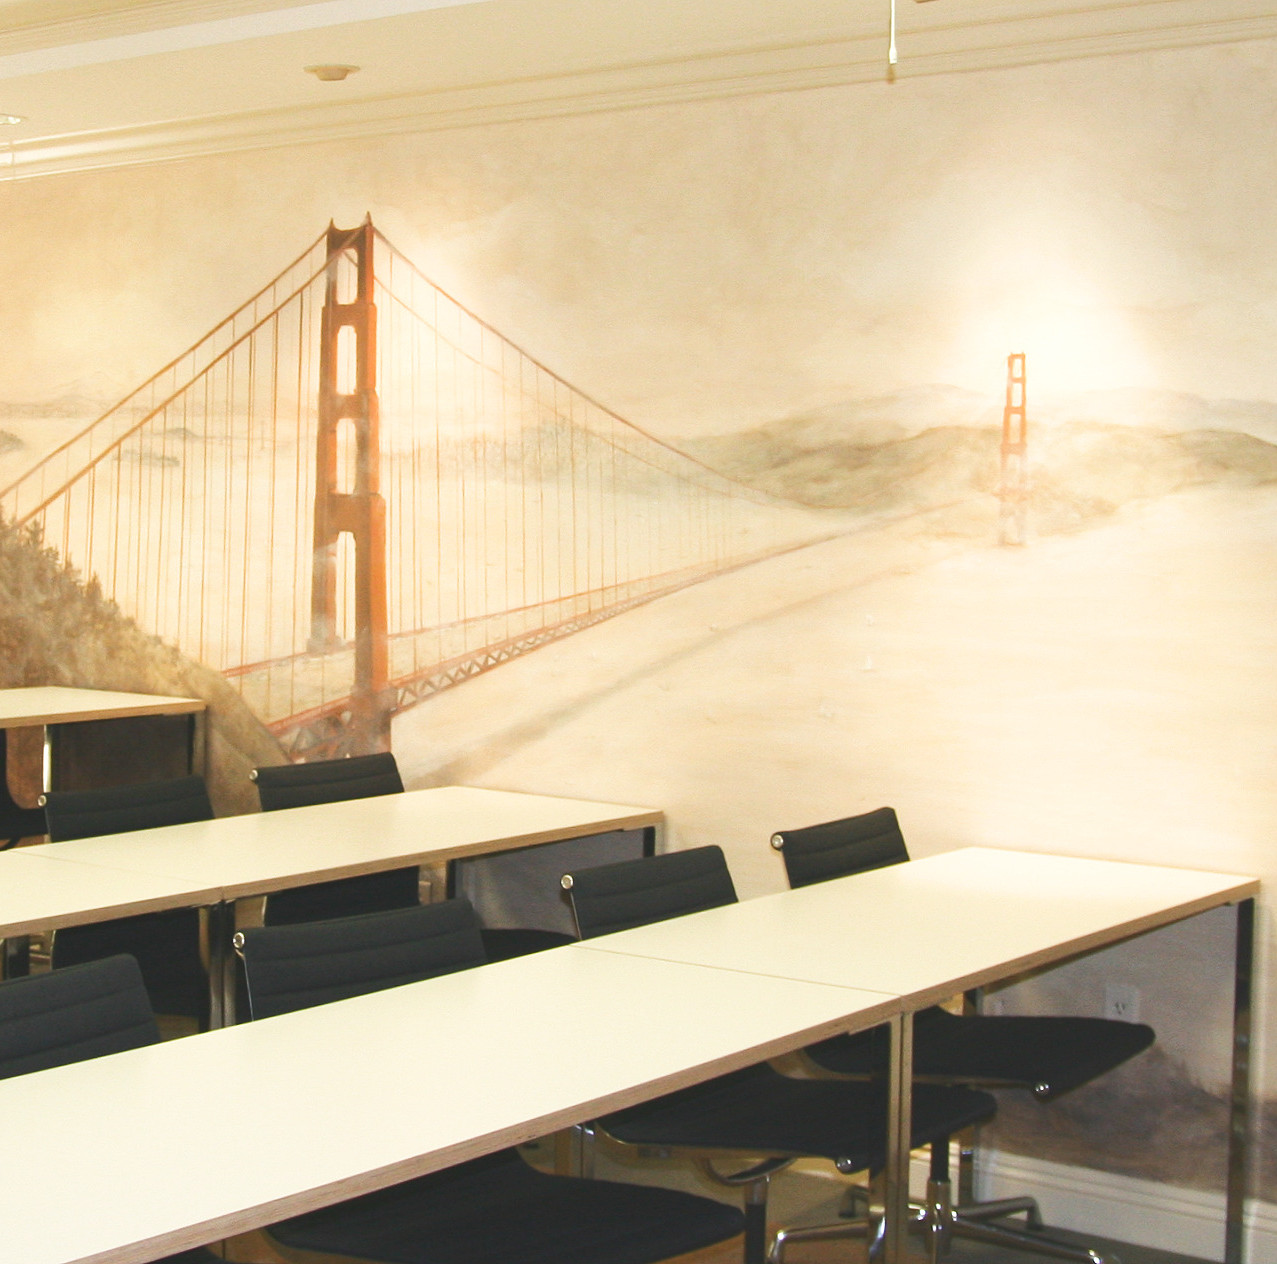 Golden Gate mural 2